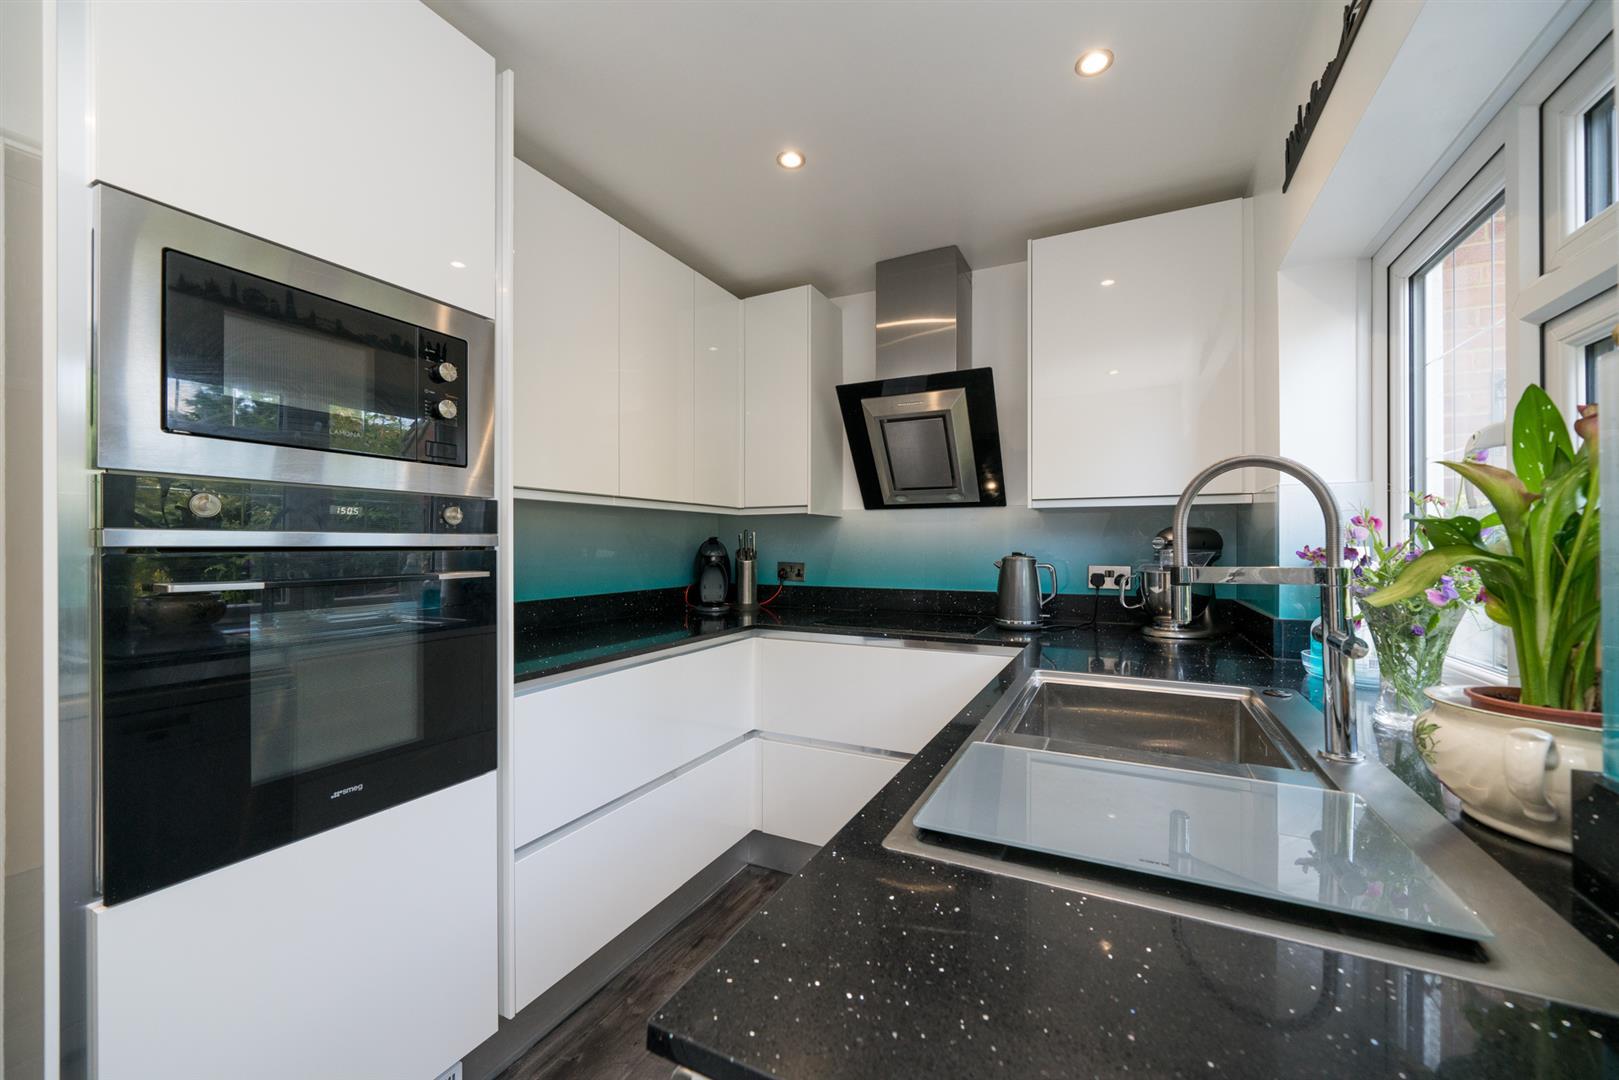 12-Ranelagh-Road-1010 (1)-  kitchen 1.jpg